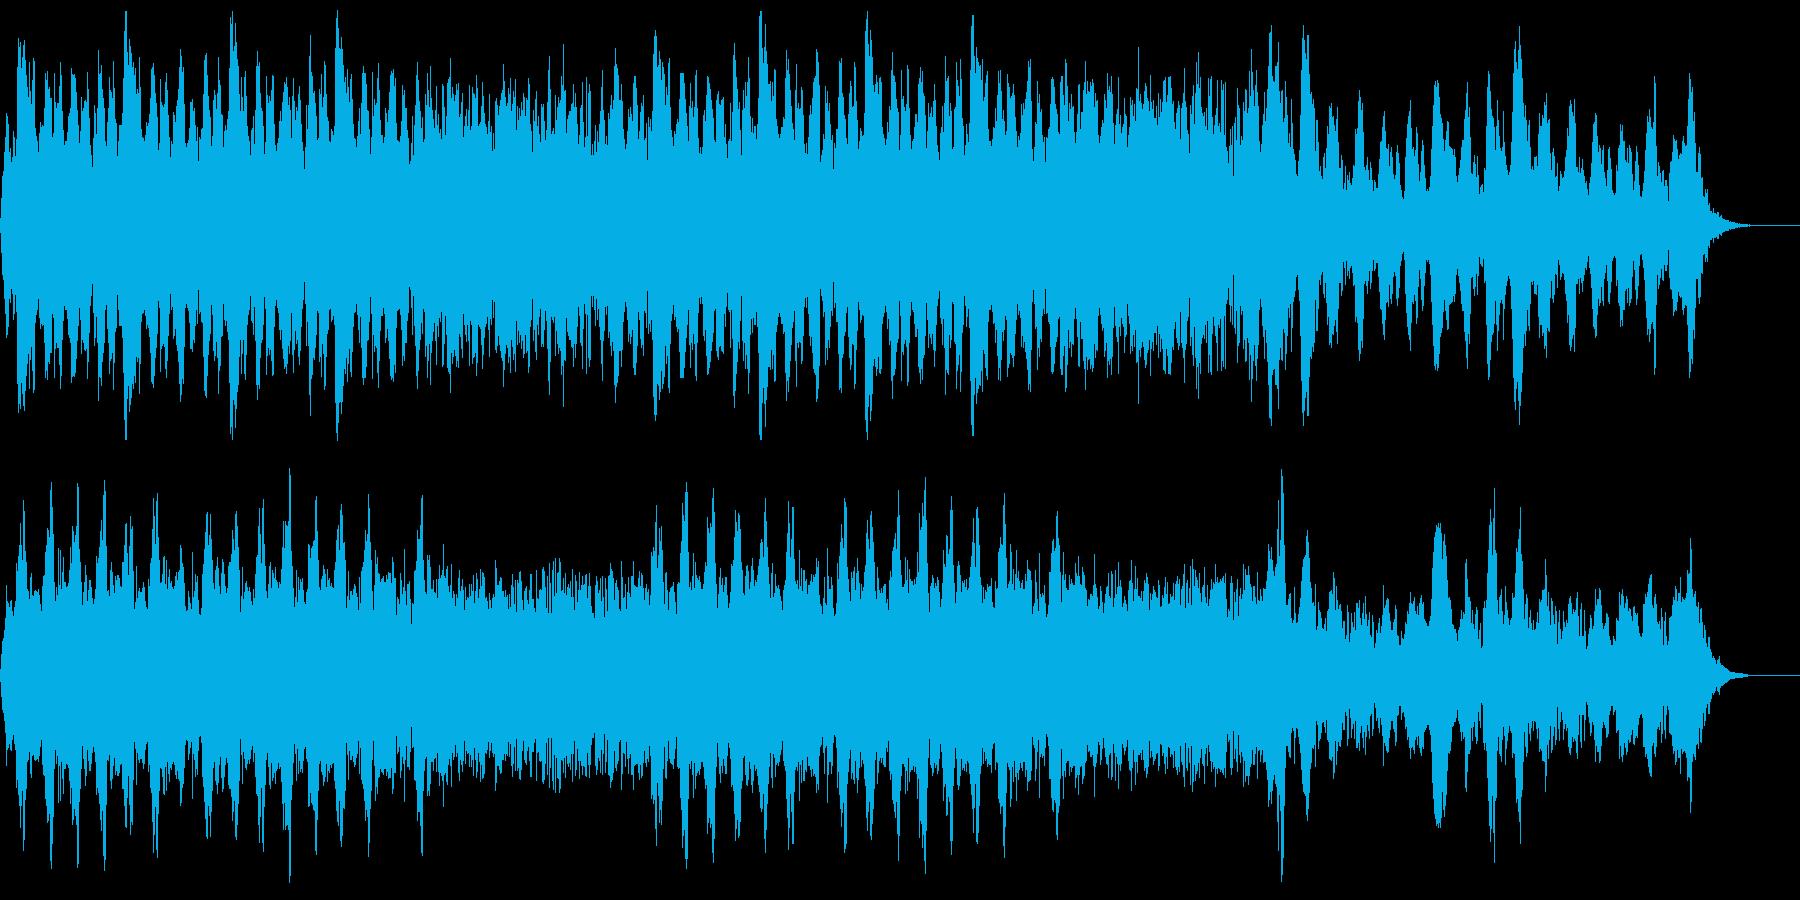 得体のしれない怪しいホラーBGMの再生済みの波形